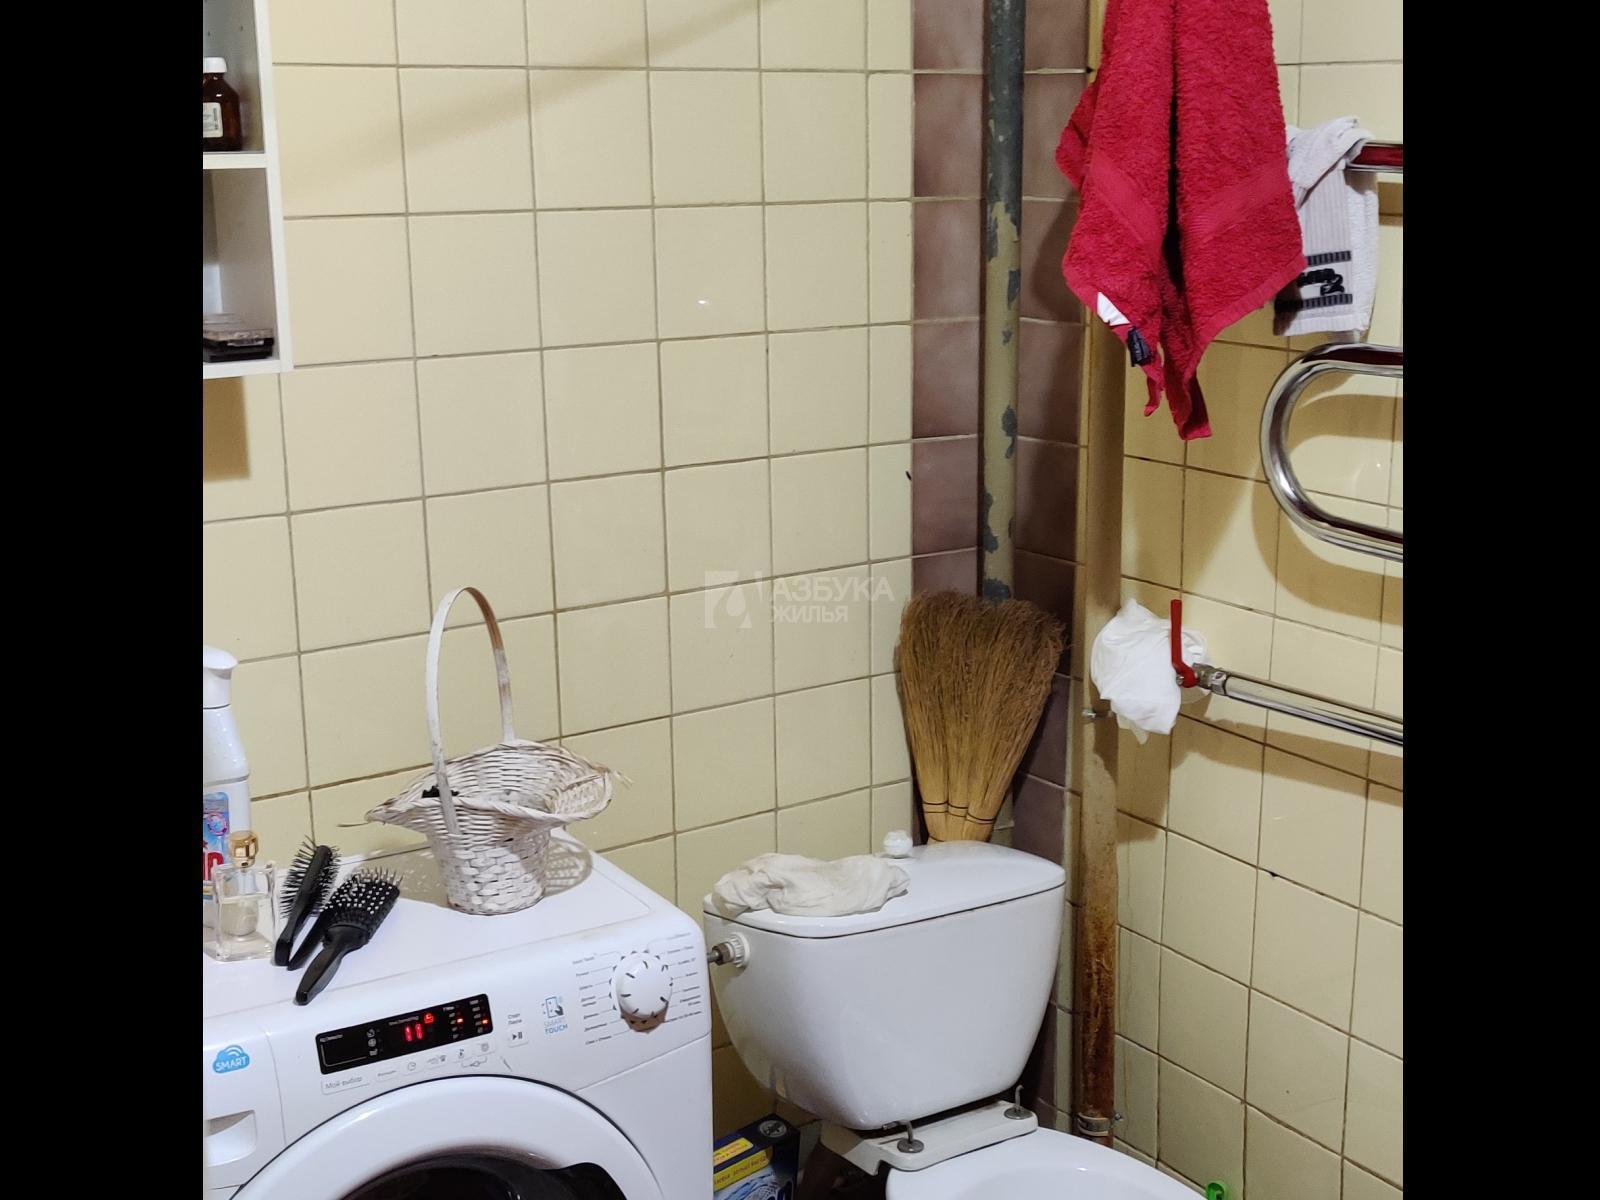 Фото №2 - 1-комнатная квартира, Химки, Кирова улица 9, метро Речной вокзал